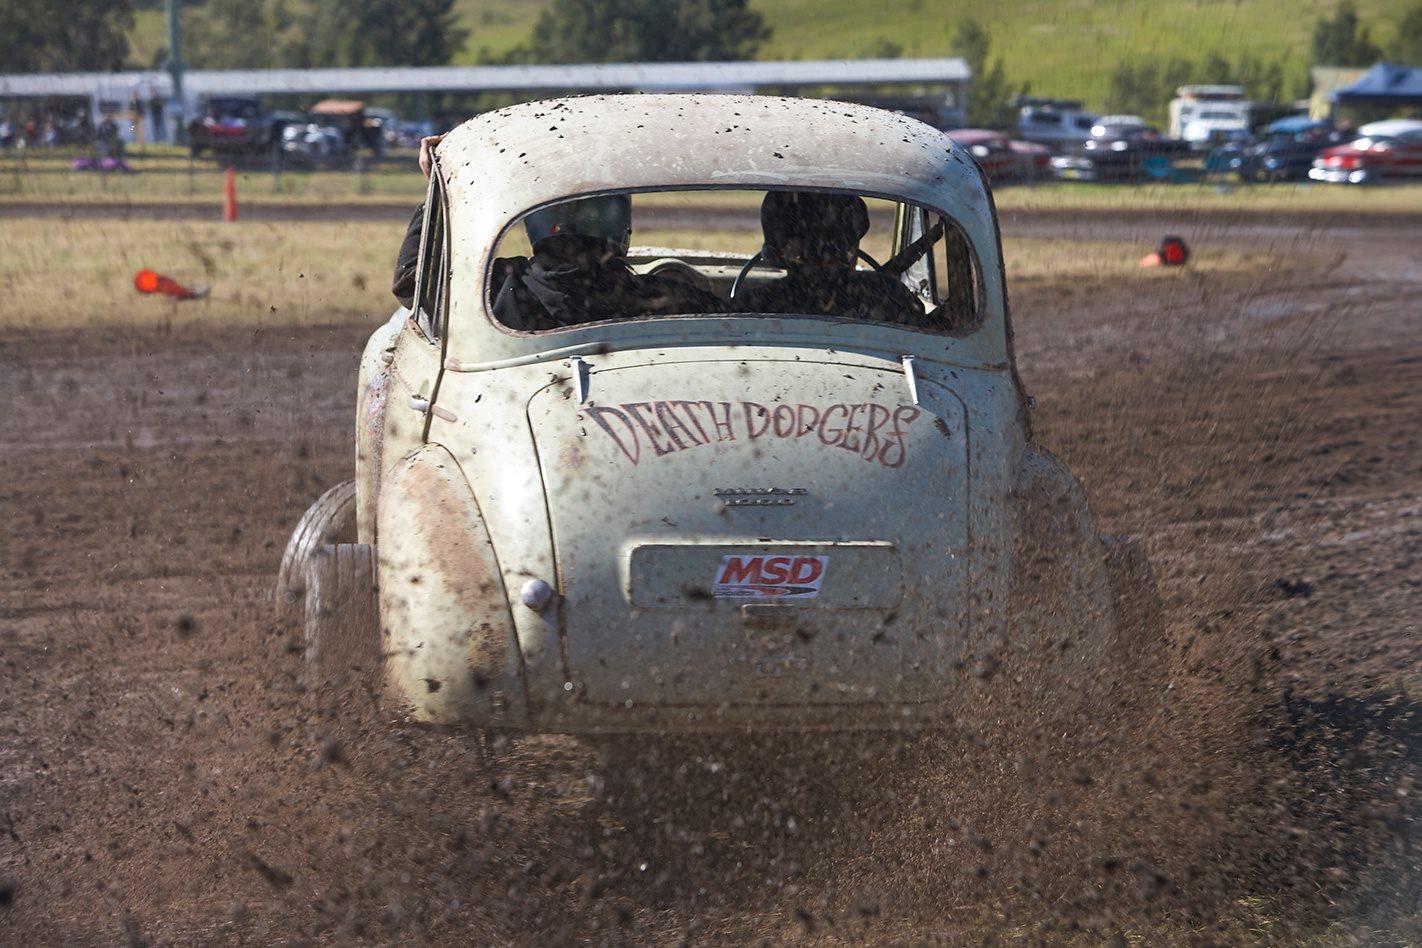 V8 MORRIS MINOR rear